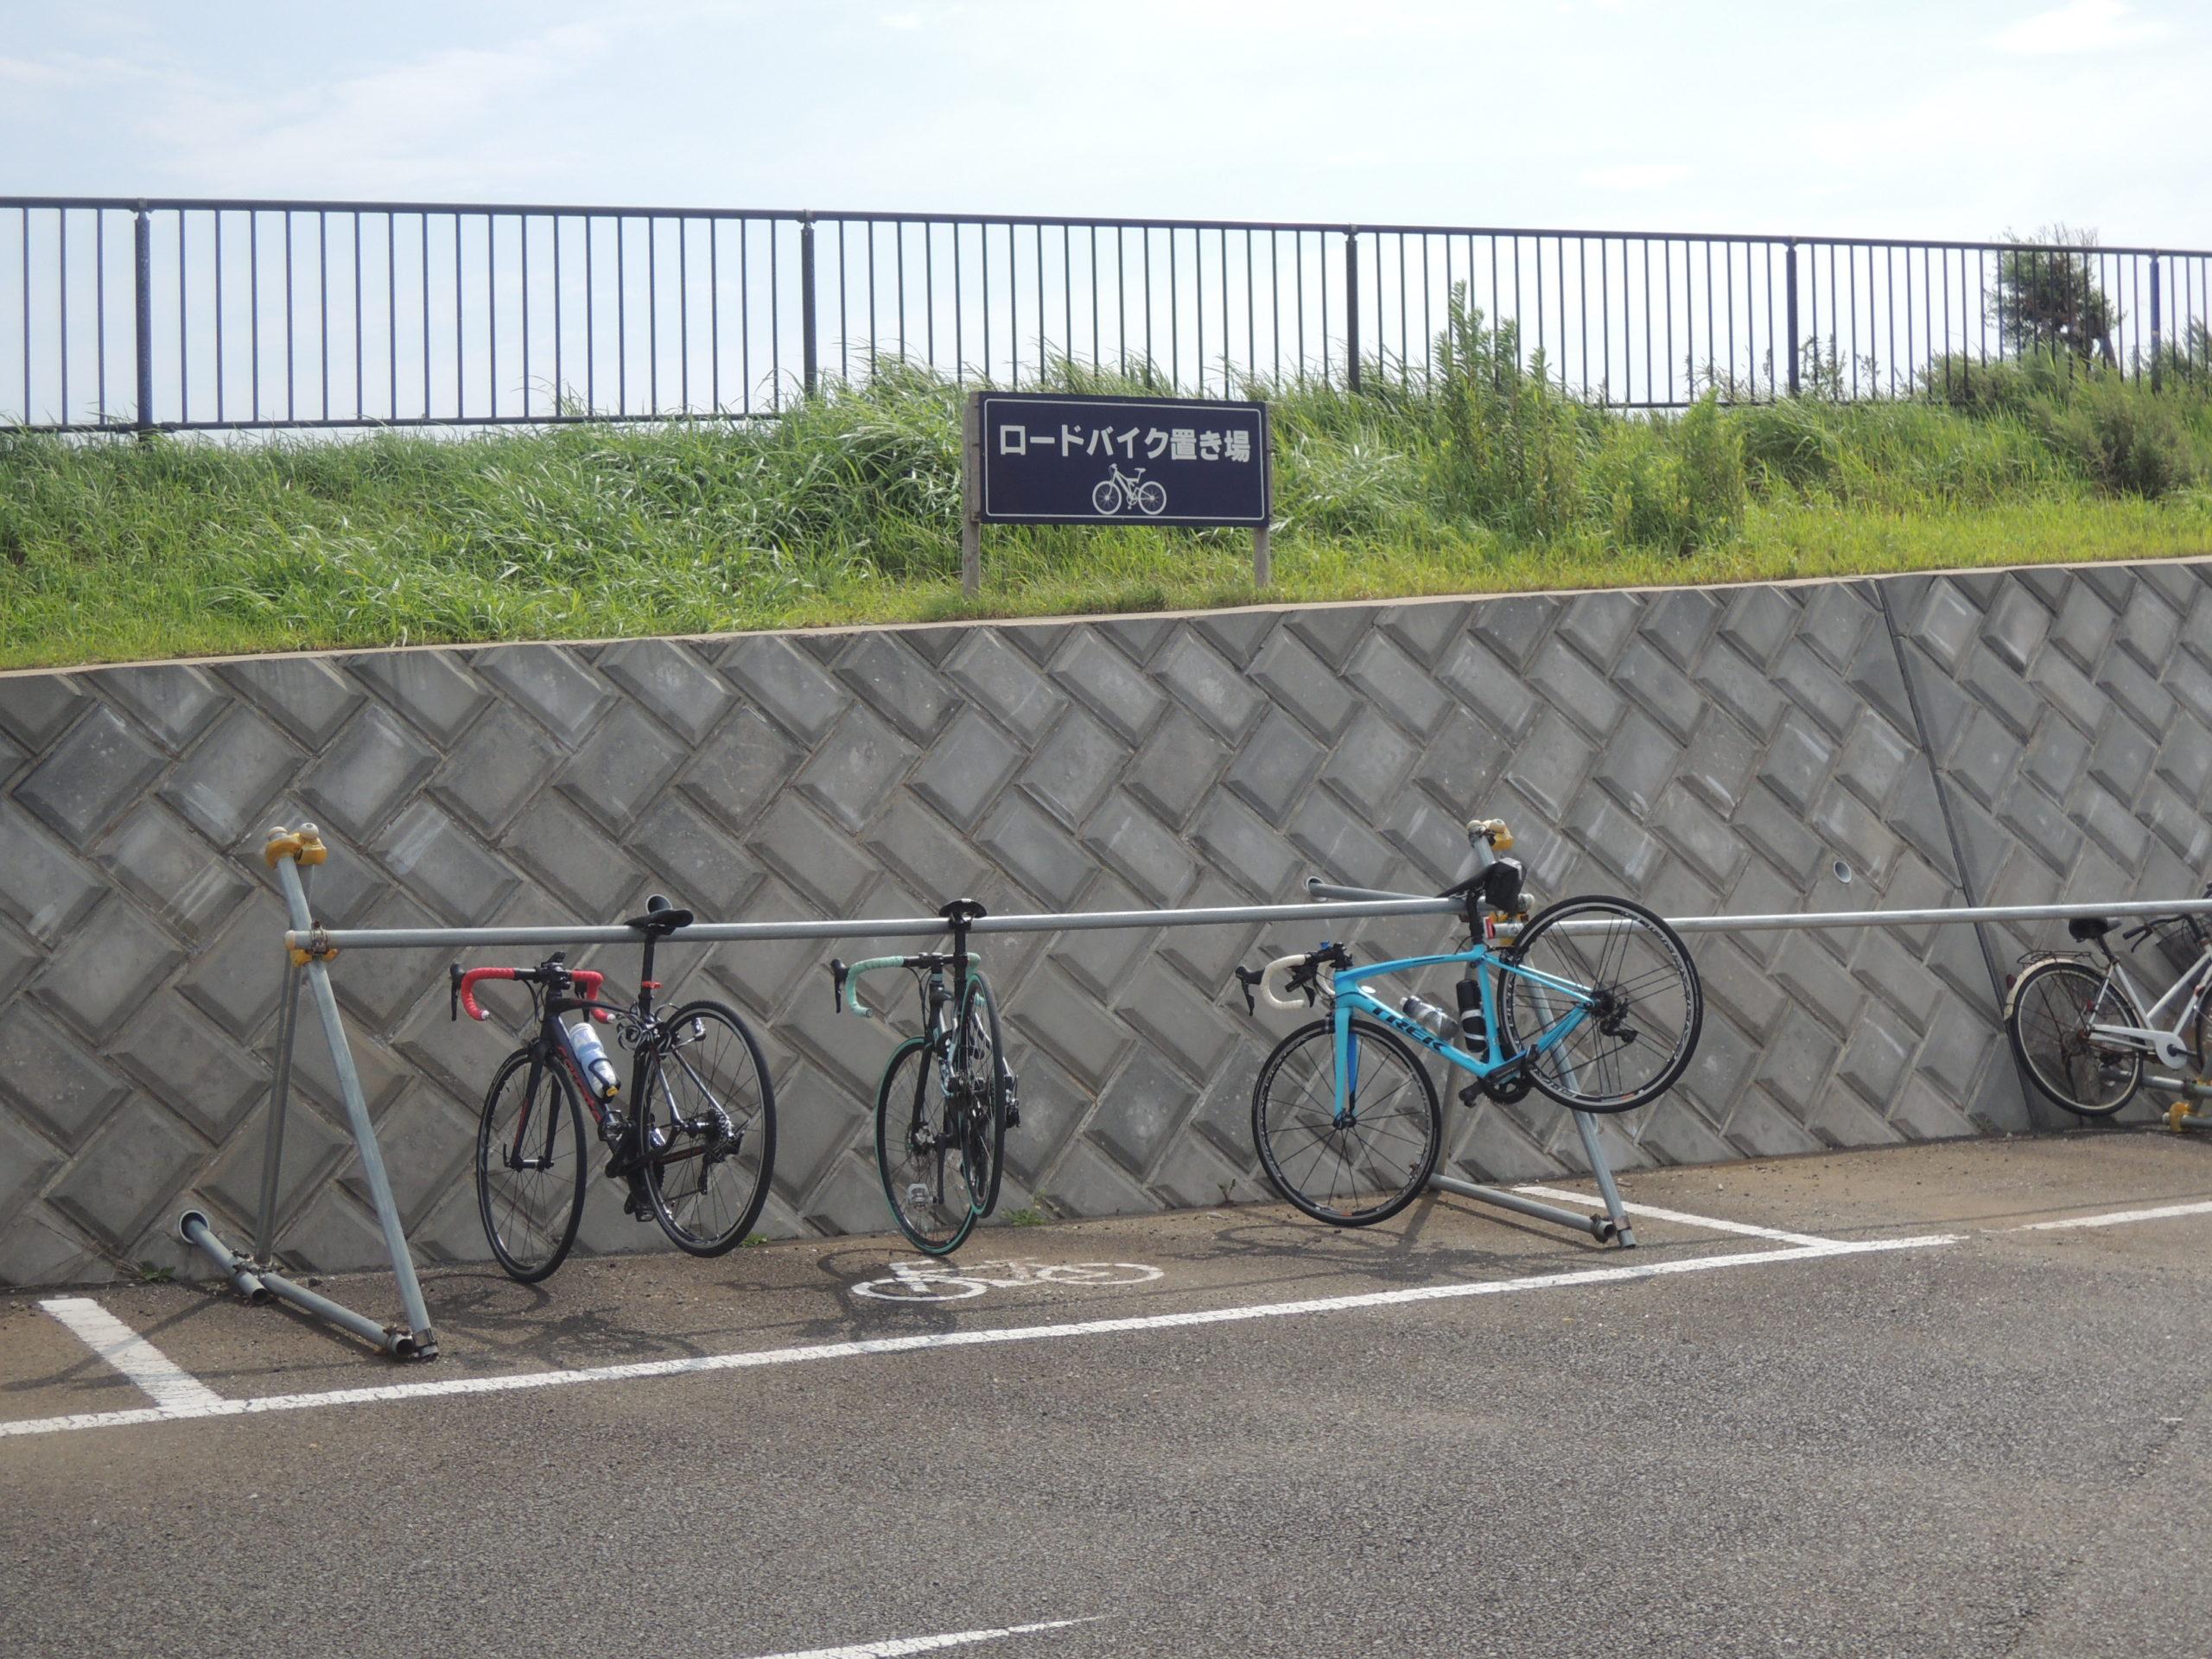 ロードバイク置き場に3台